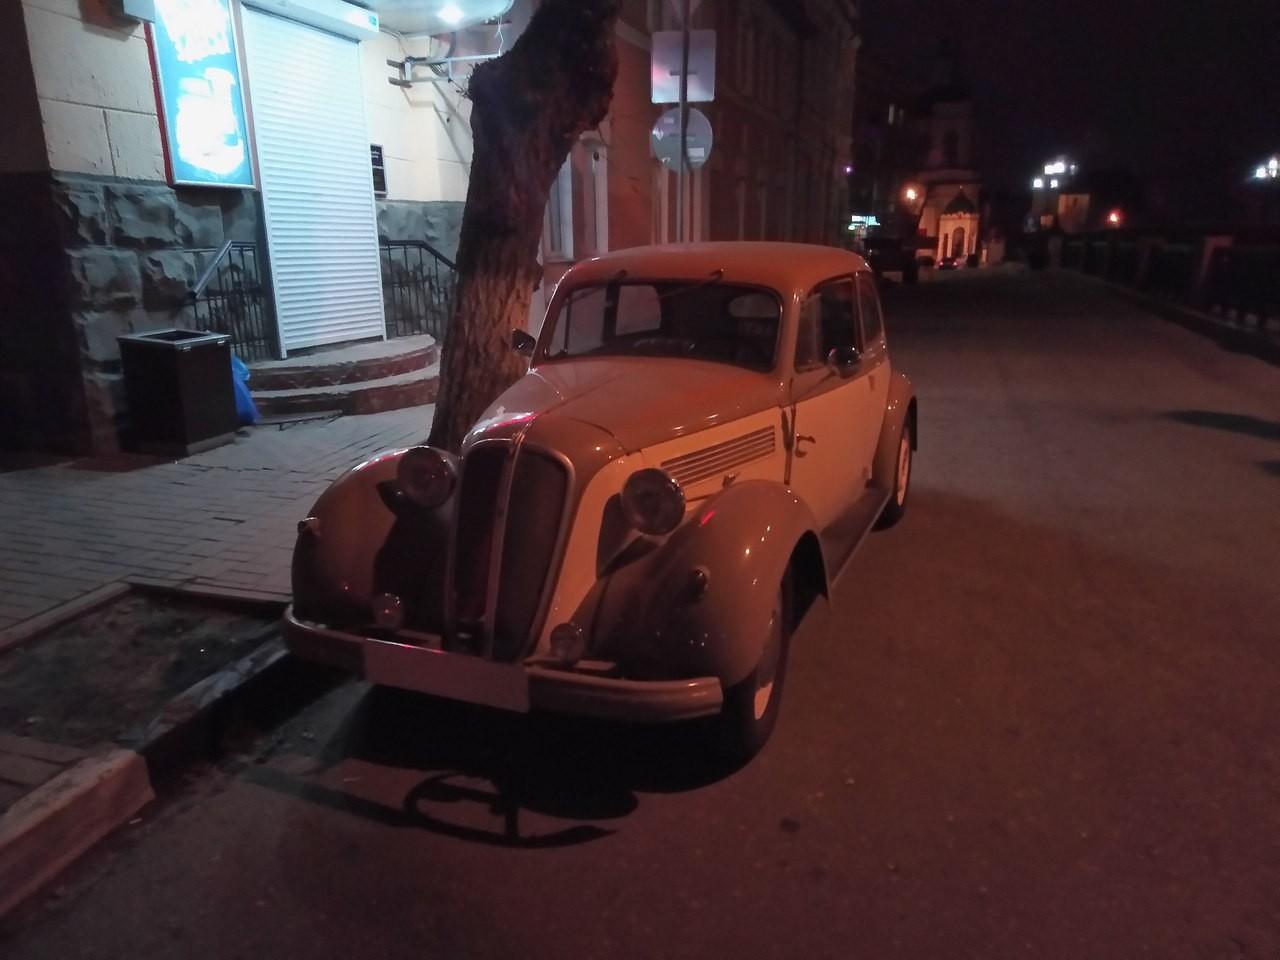 На дорогах Воронежа замечен гангстерский автомобиль